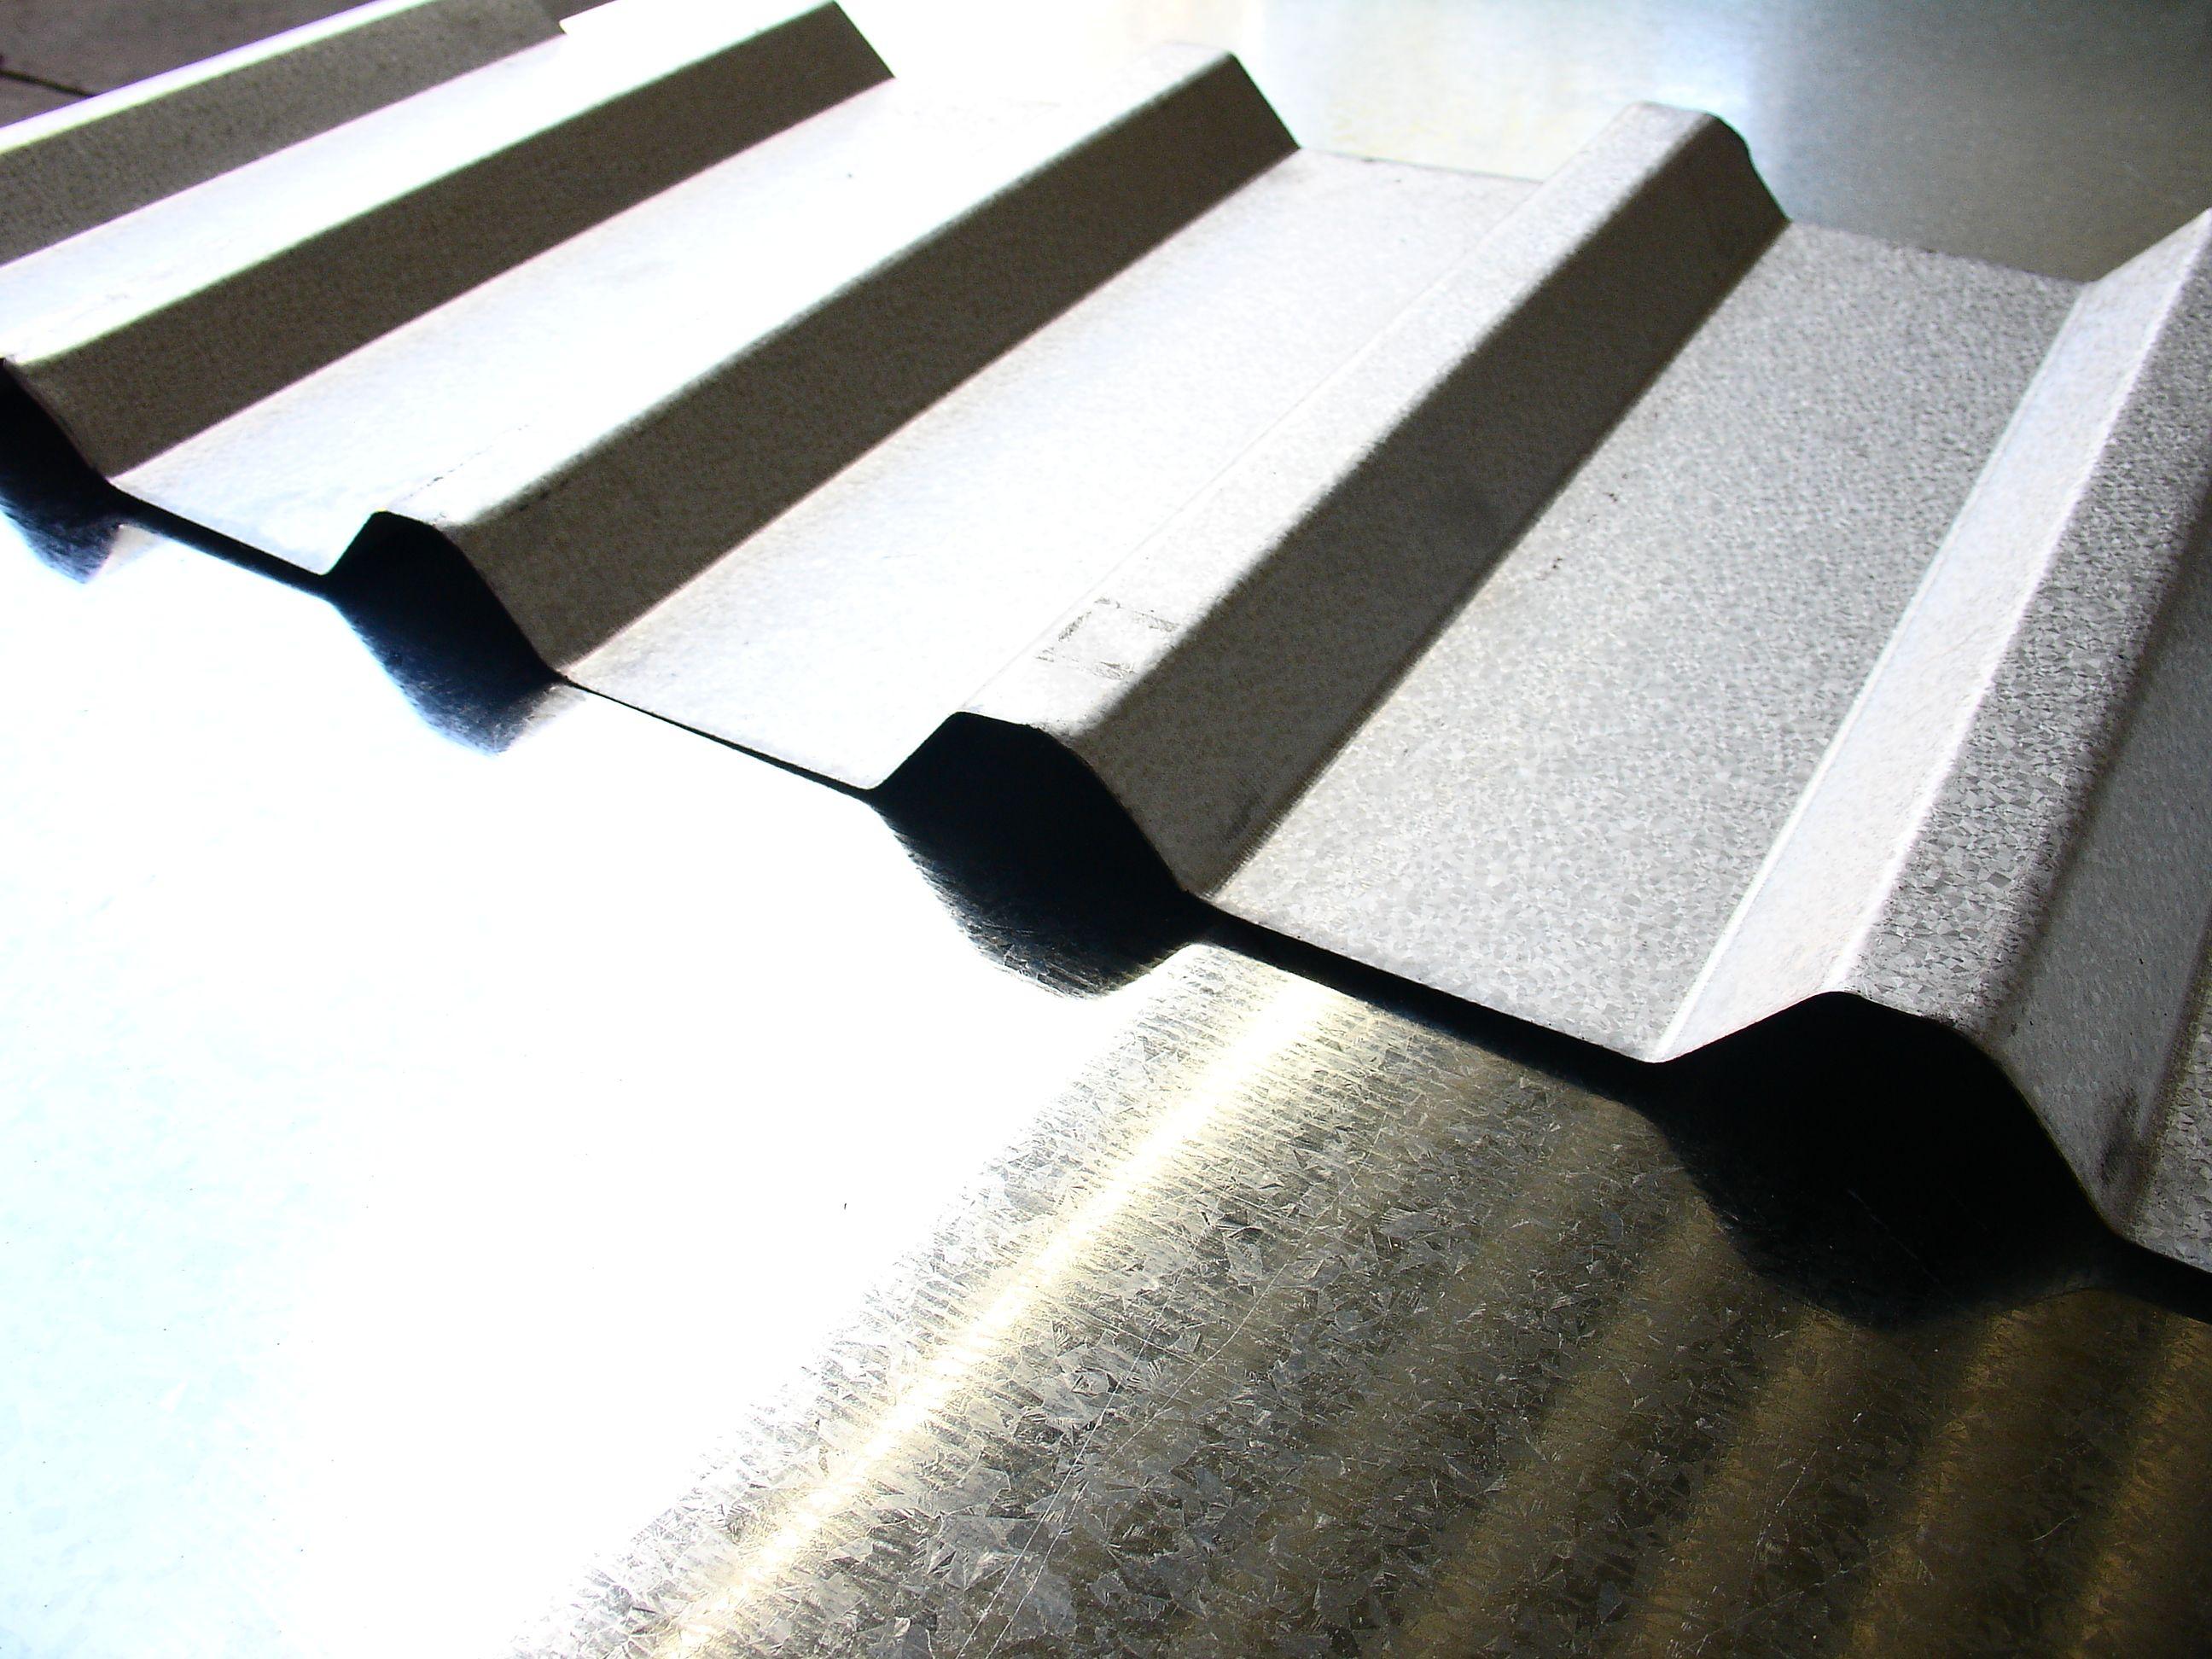 ACABADO ZINTROALUM Lámina recubierta con una aleación de 55